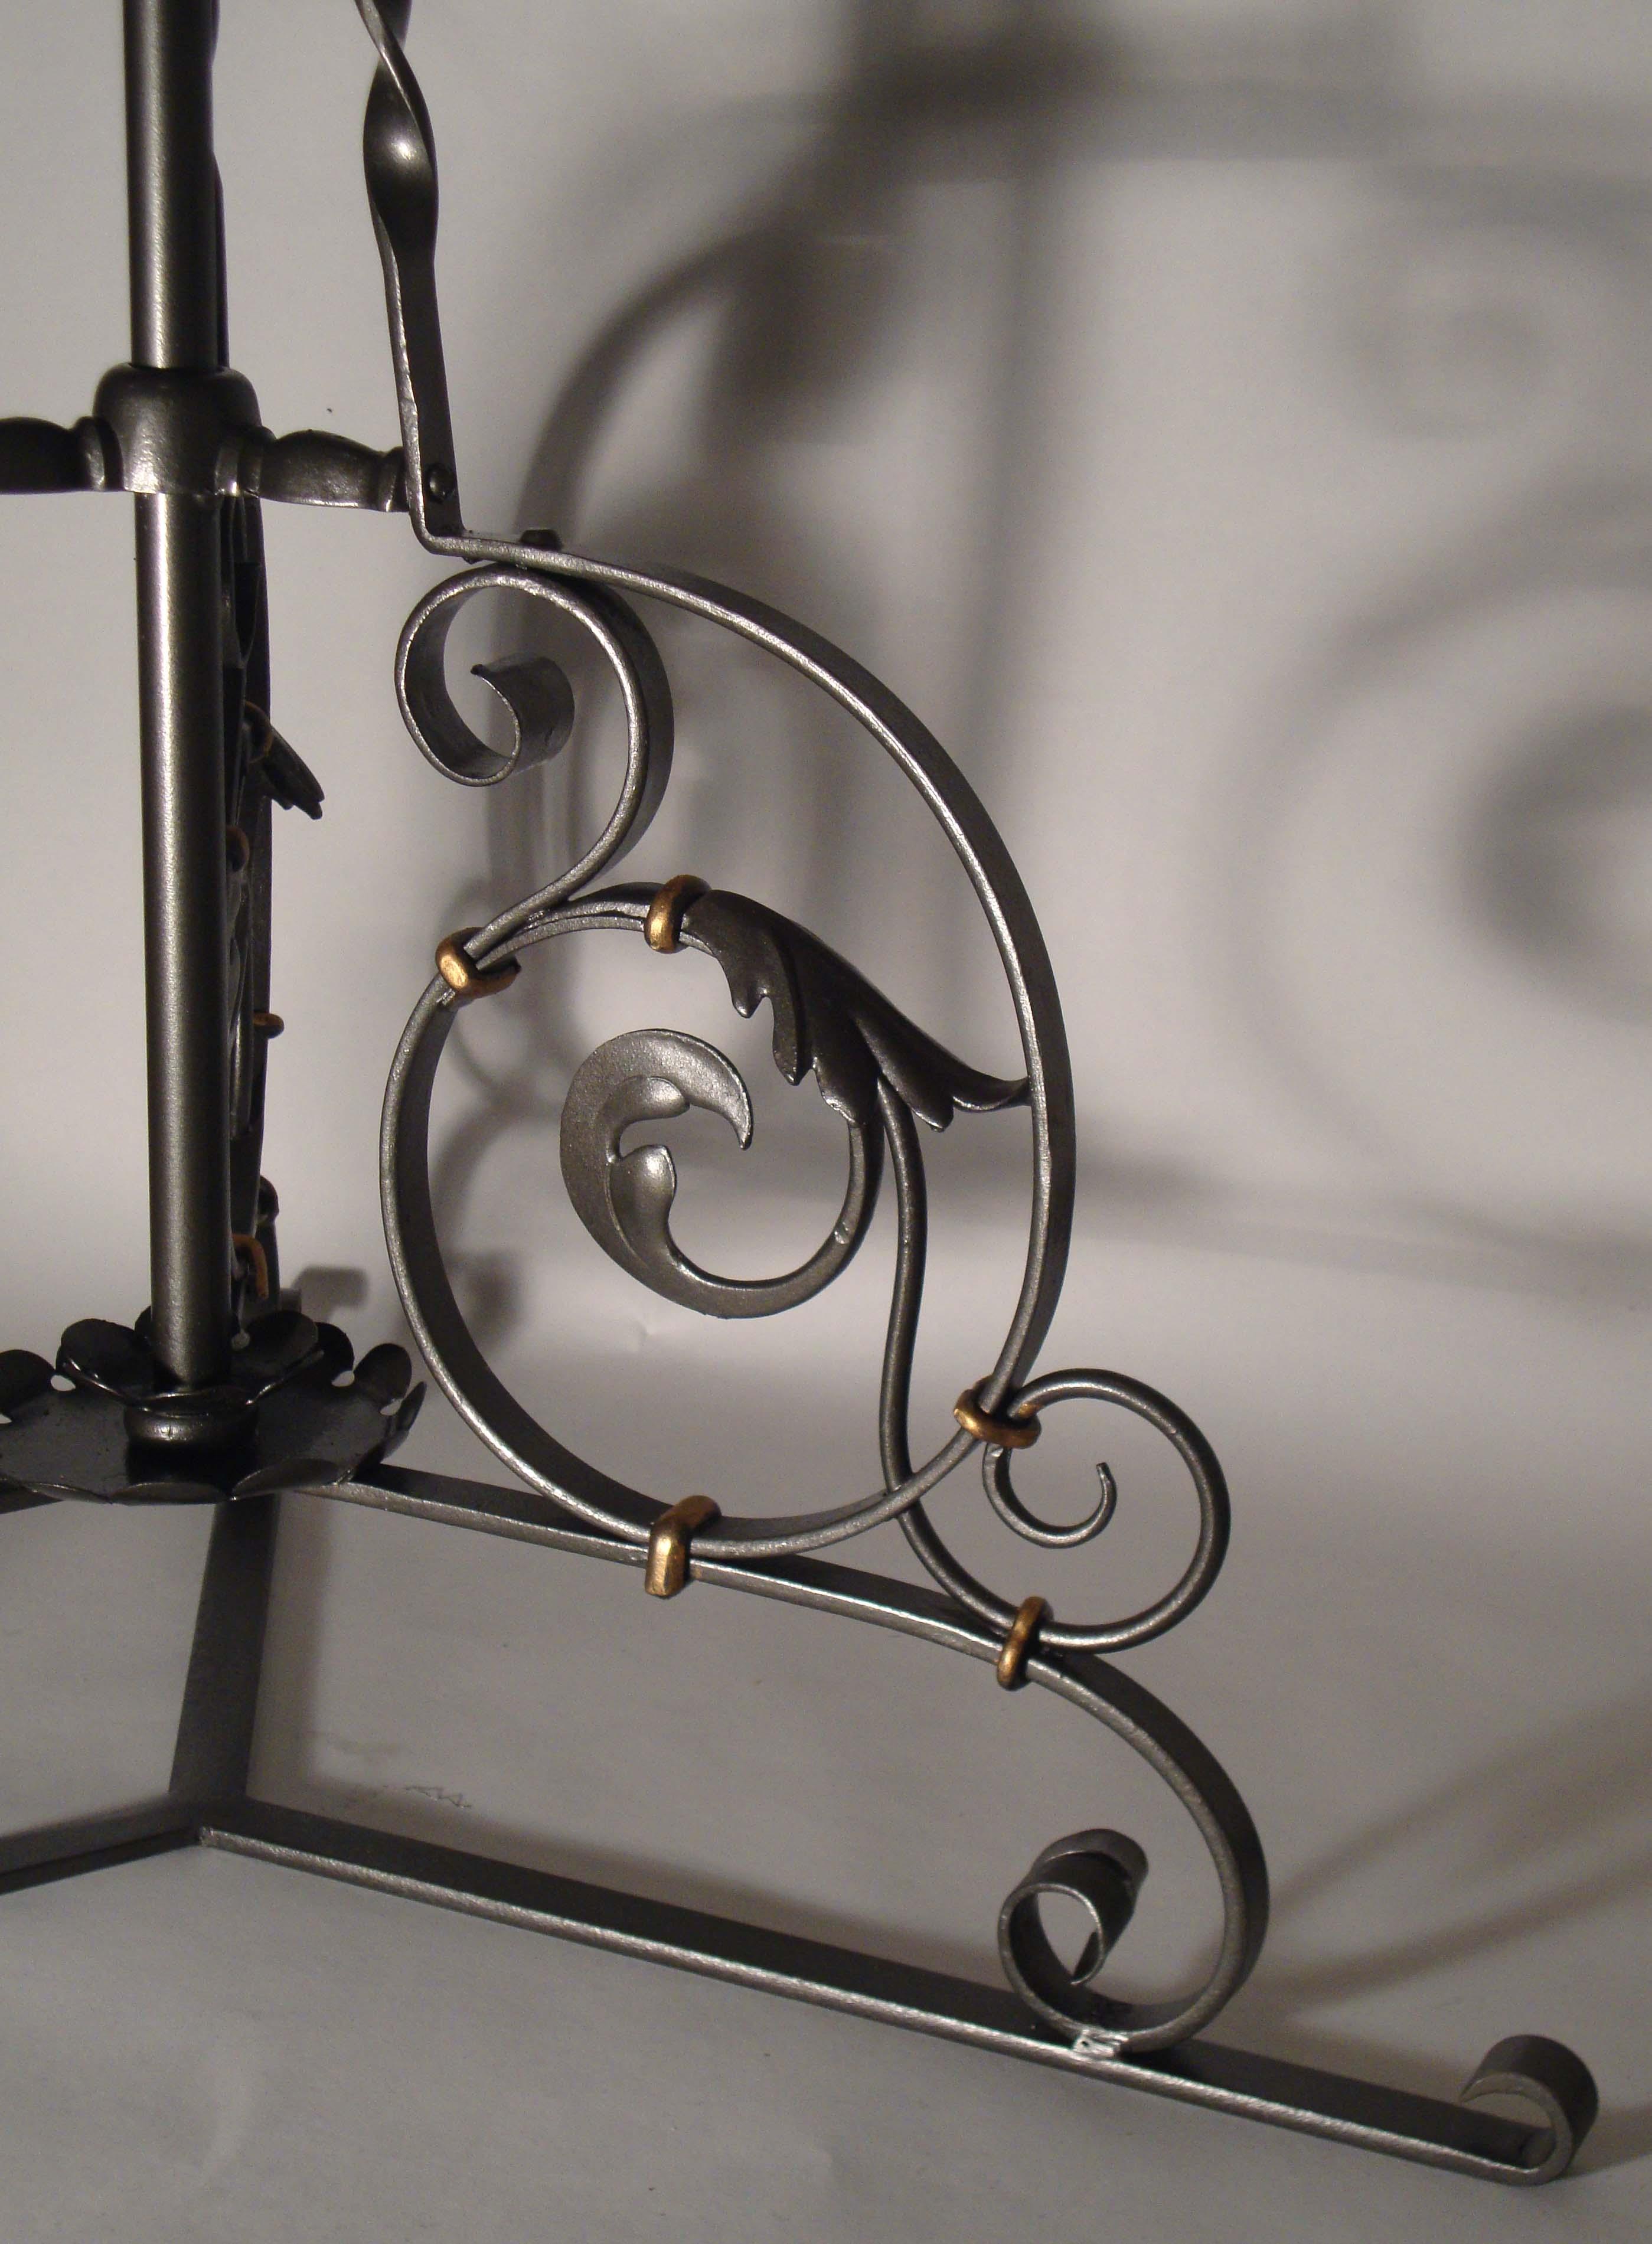 ferronnerie d'art, fabrication d'enseignes style fer forgé, mobilier